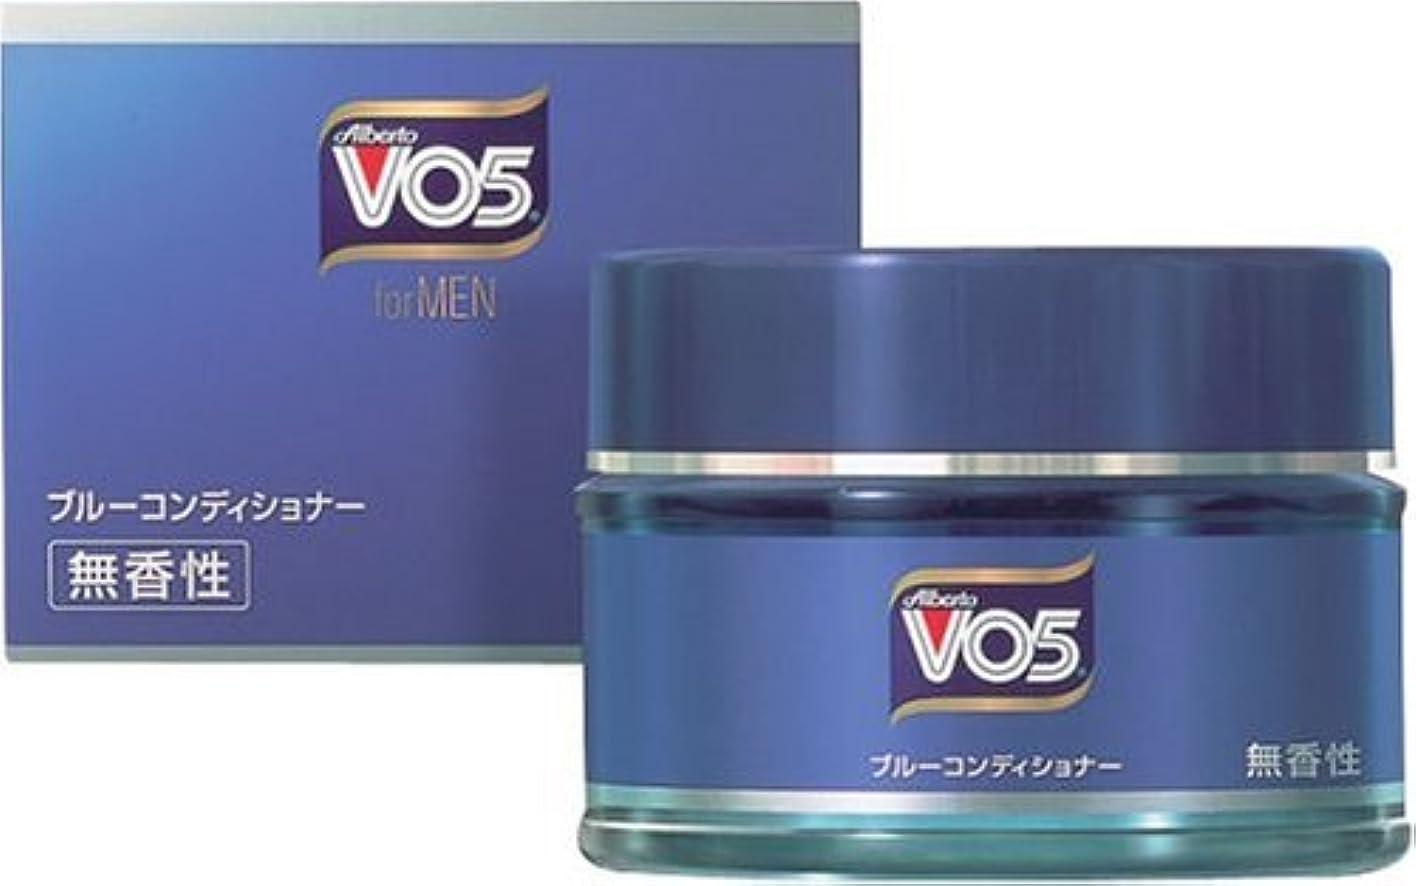 継続中悪用ギターVO5 for MEN ブルーコンディショナー 無香性 85G <白髪ケア ? 白髪かくし ? スタイリング剤 ? メンズ>